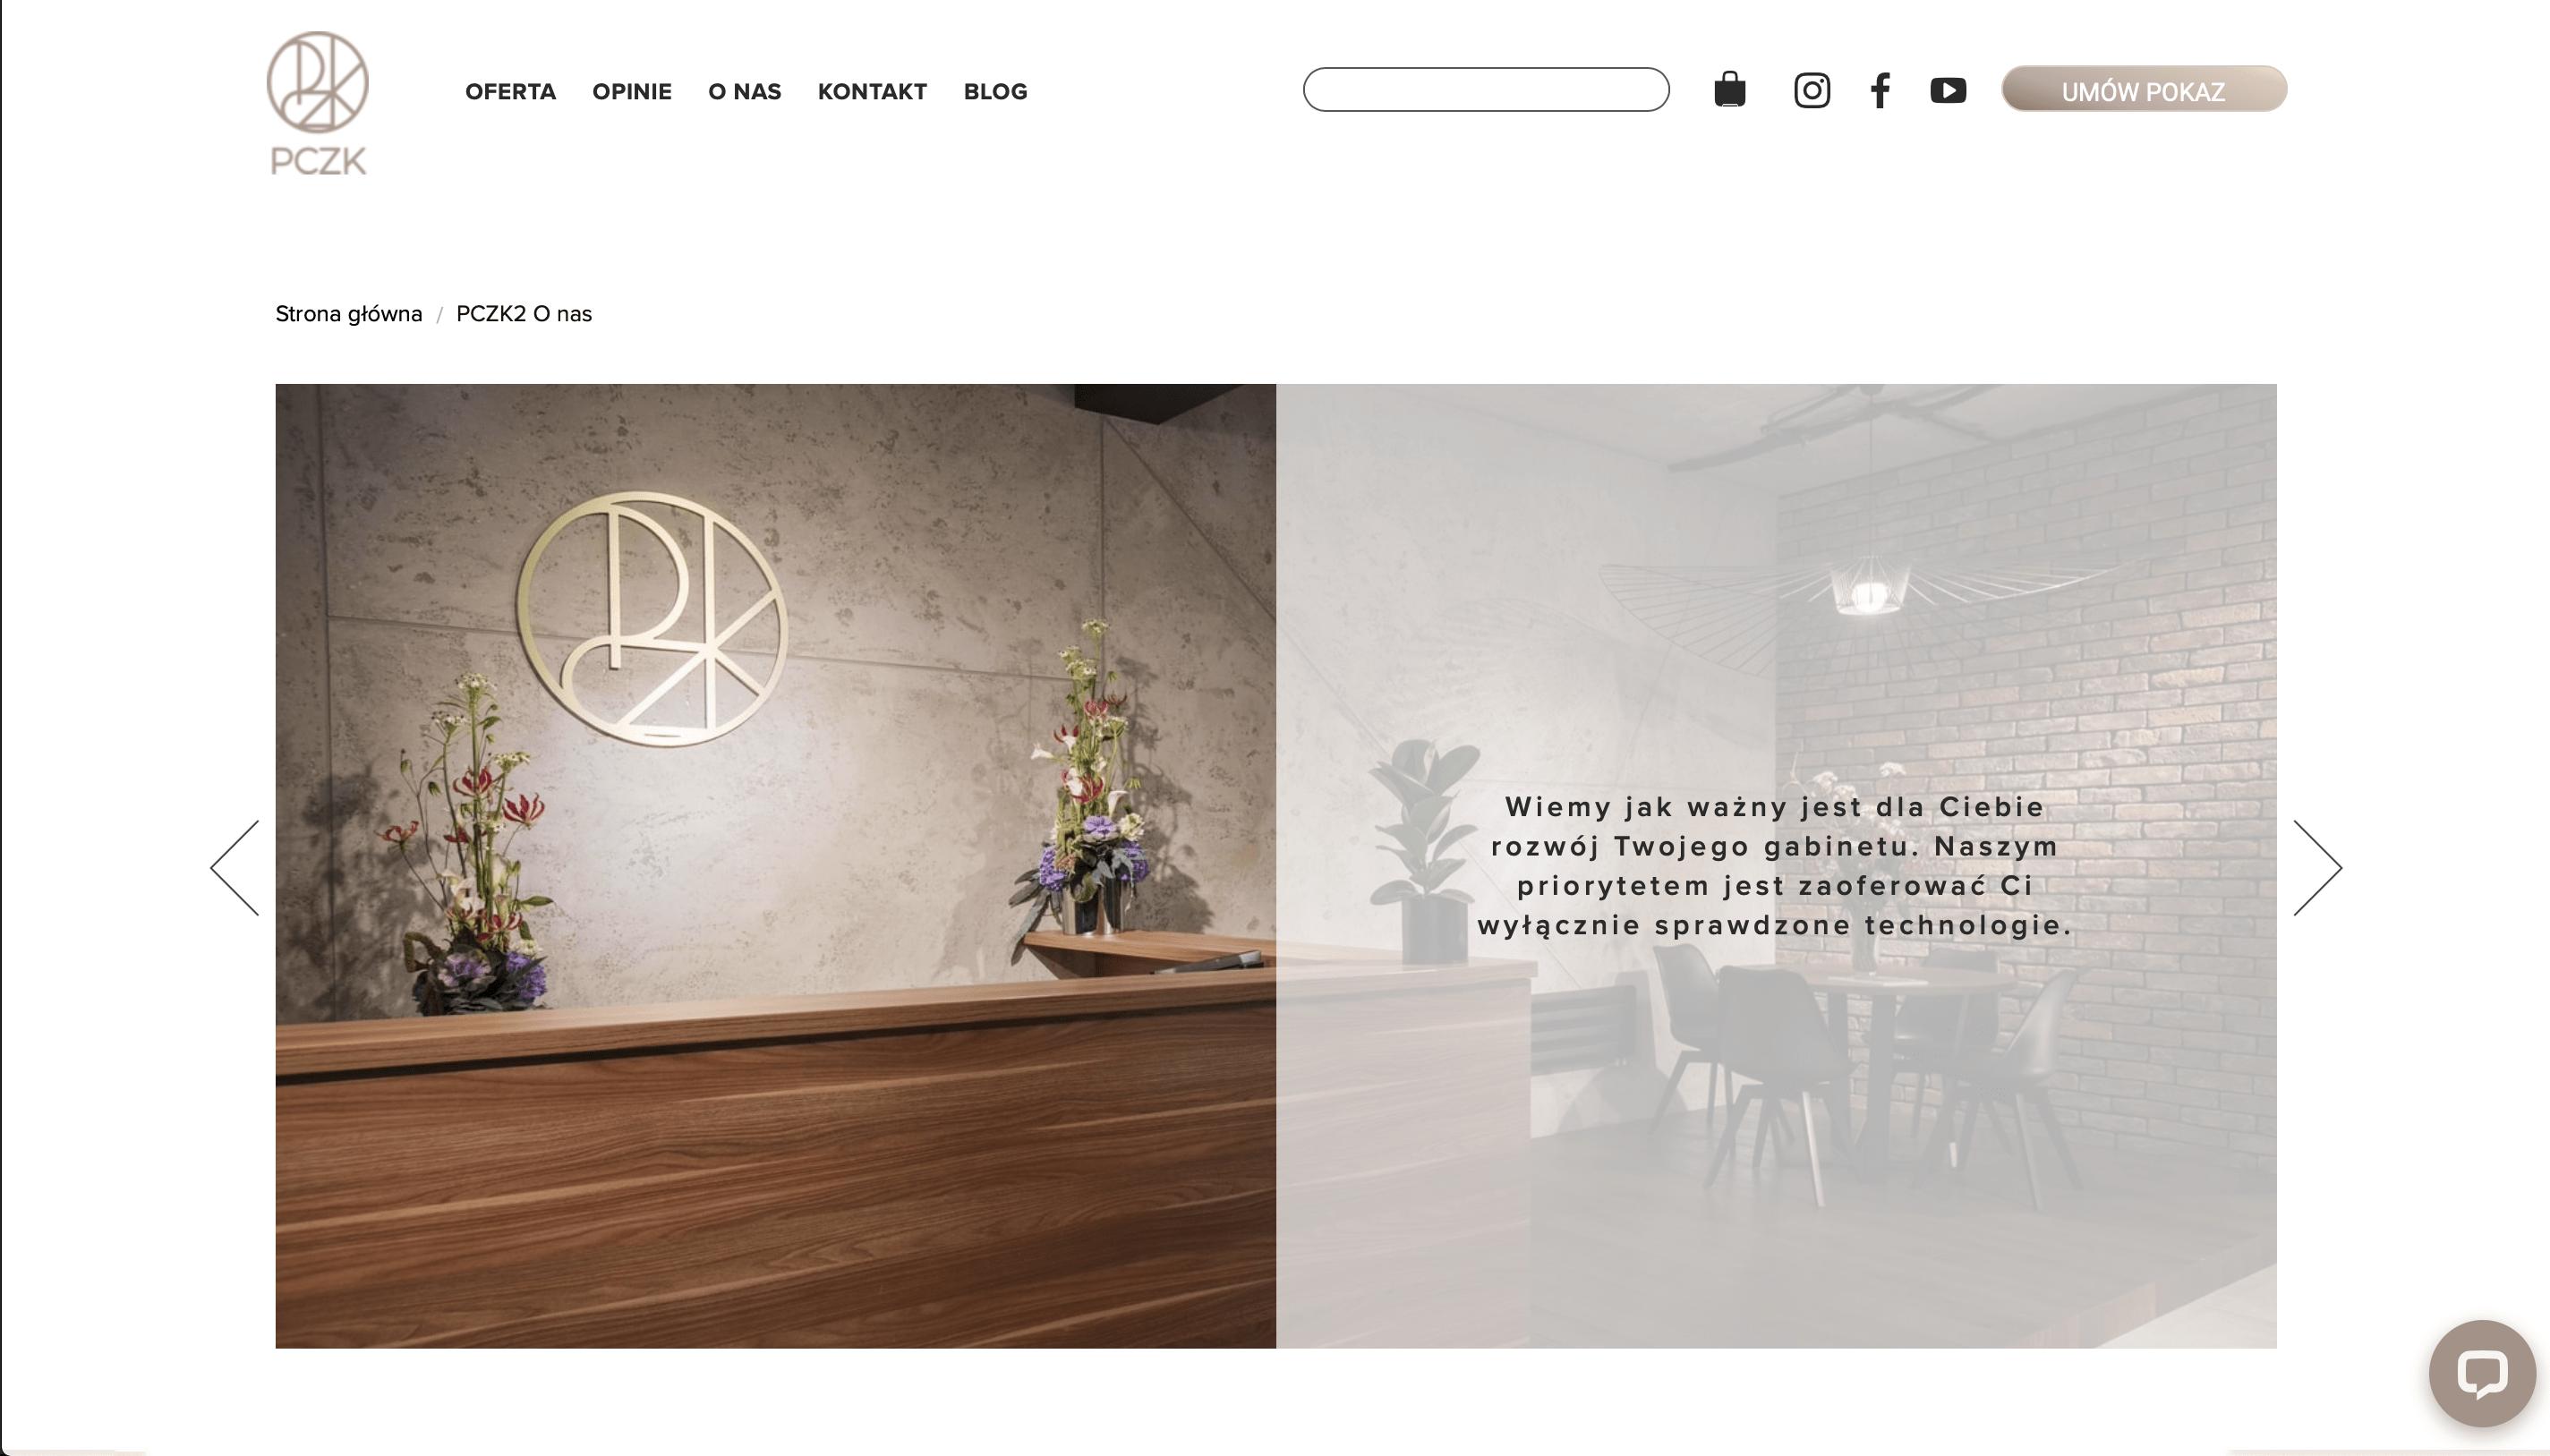 przykładowe zdjęcie - zrzut ekranu